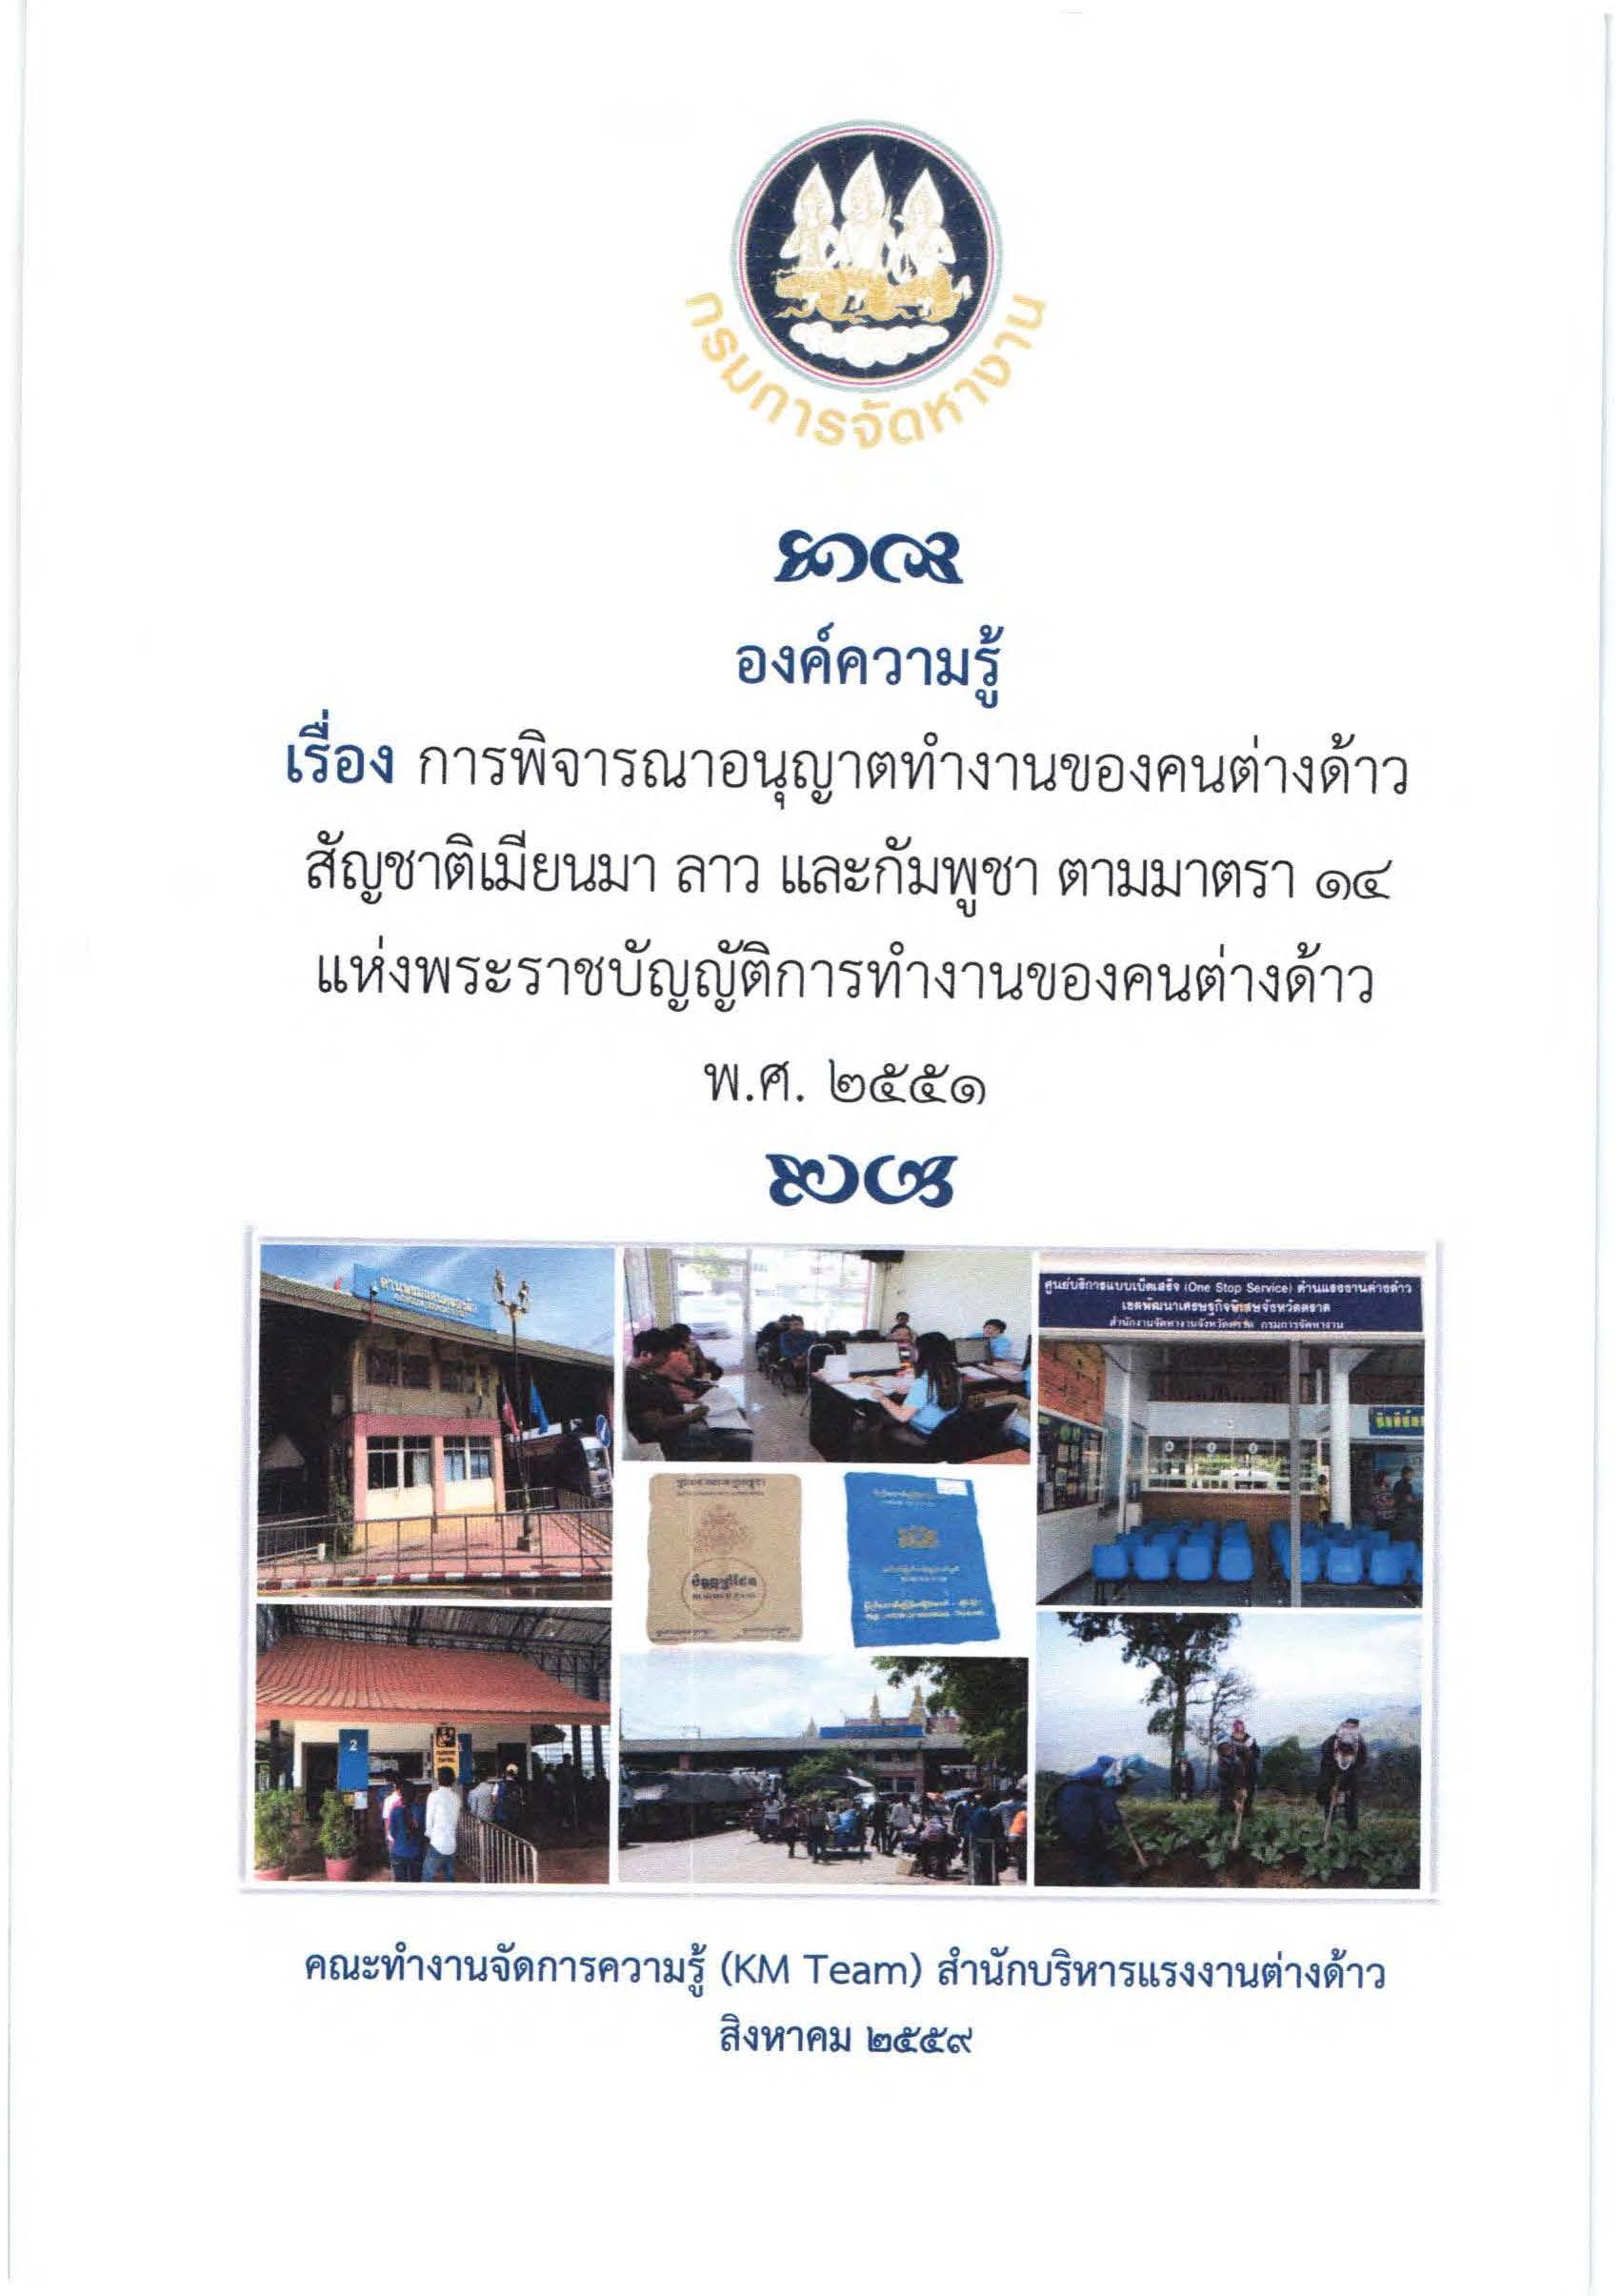 การพิจารณาอนุญาตทำงานของคนต่างด้าวสัญชาติเมียนมา ลาว และกัมพูชา ตามมาตรา 14 แห่งพระราชบัญญัติการทำงานของคนต่างด้าว พ.ศ.2551